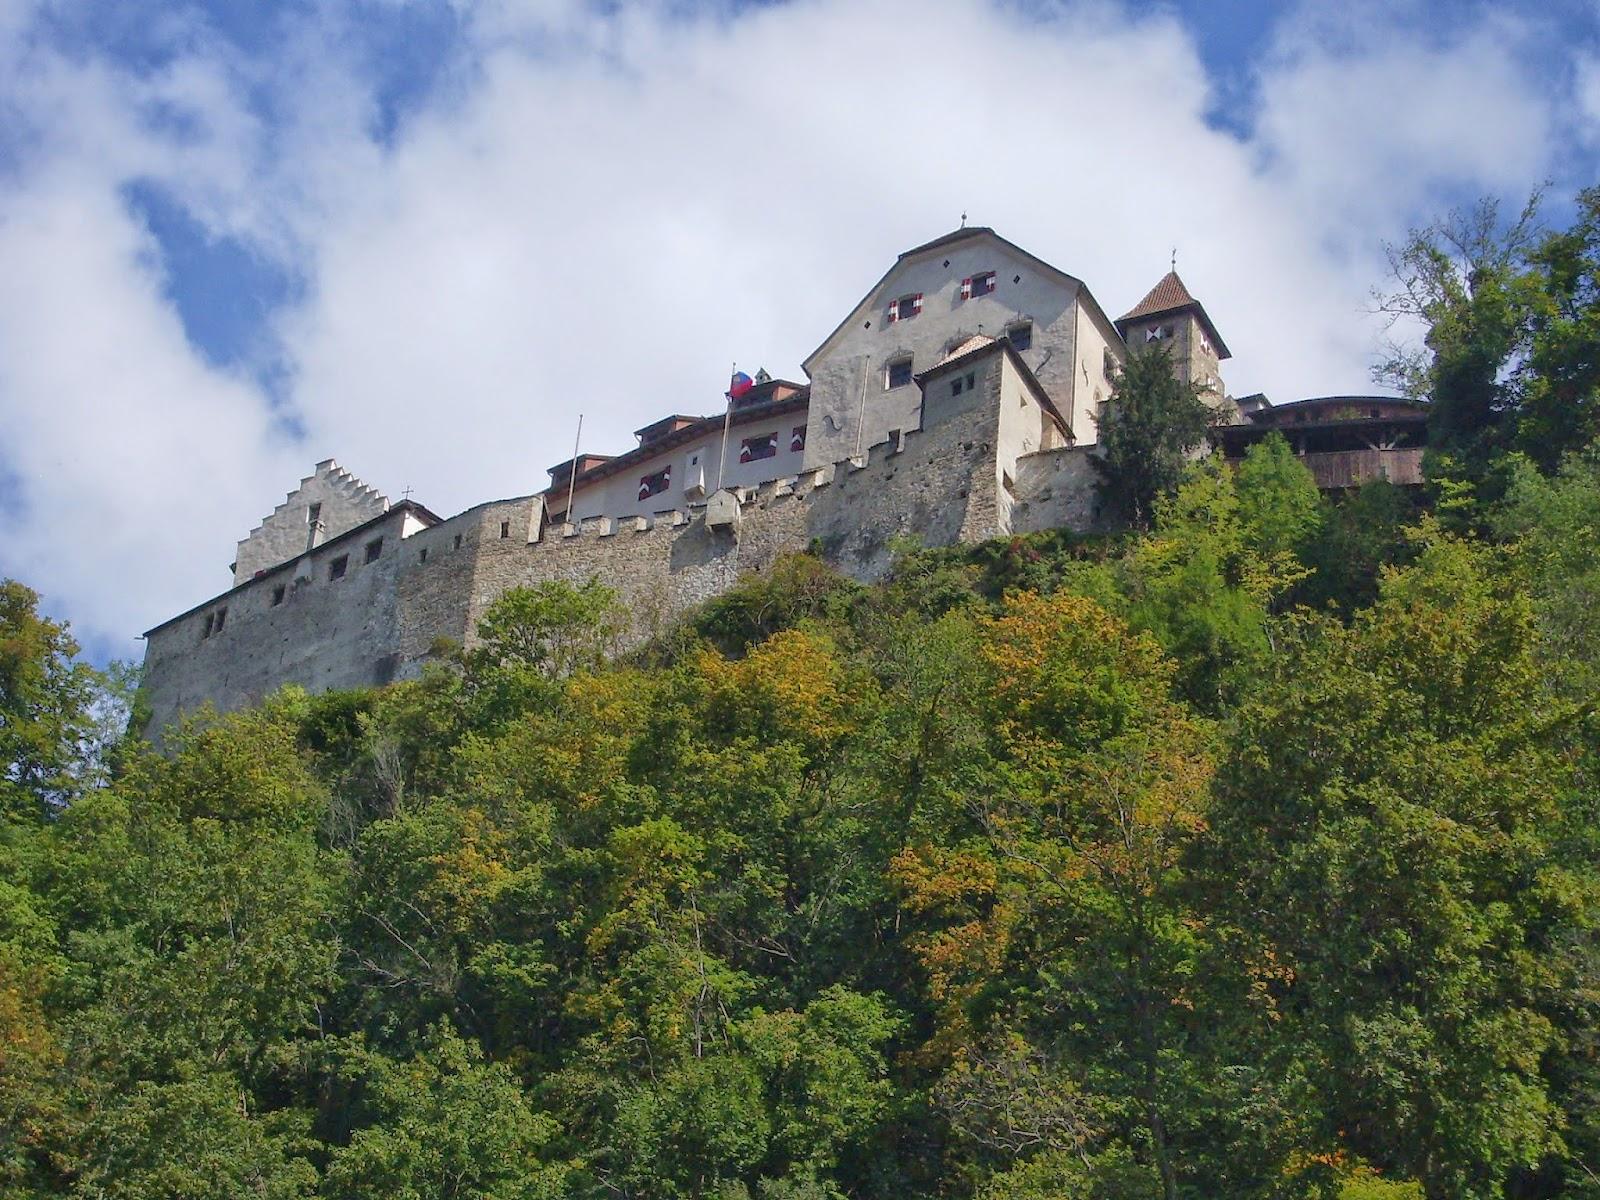 一個女生去旅行: 列支敦士登 Liechtenstein